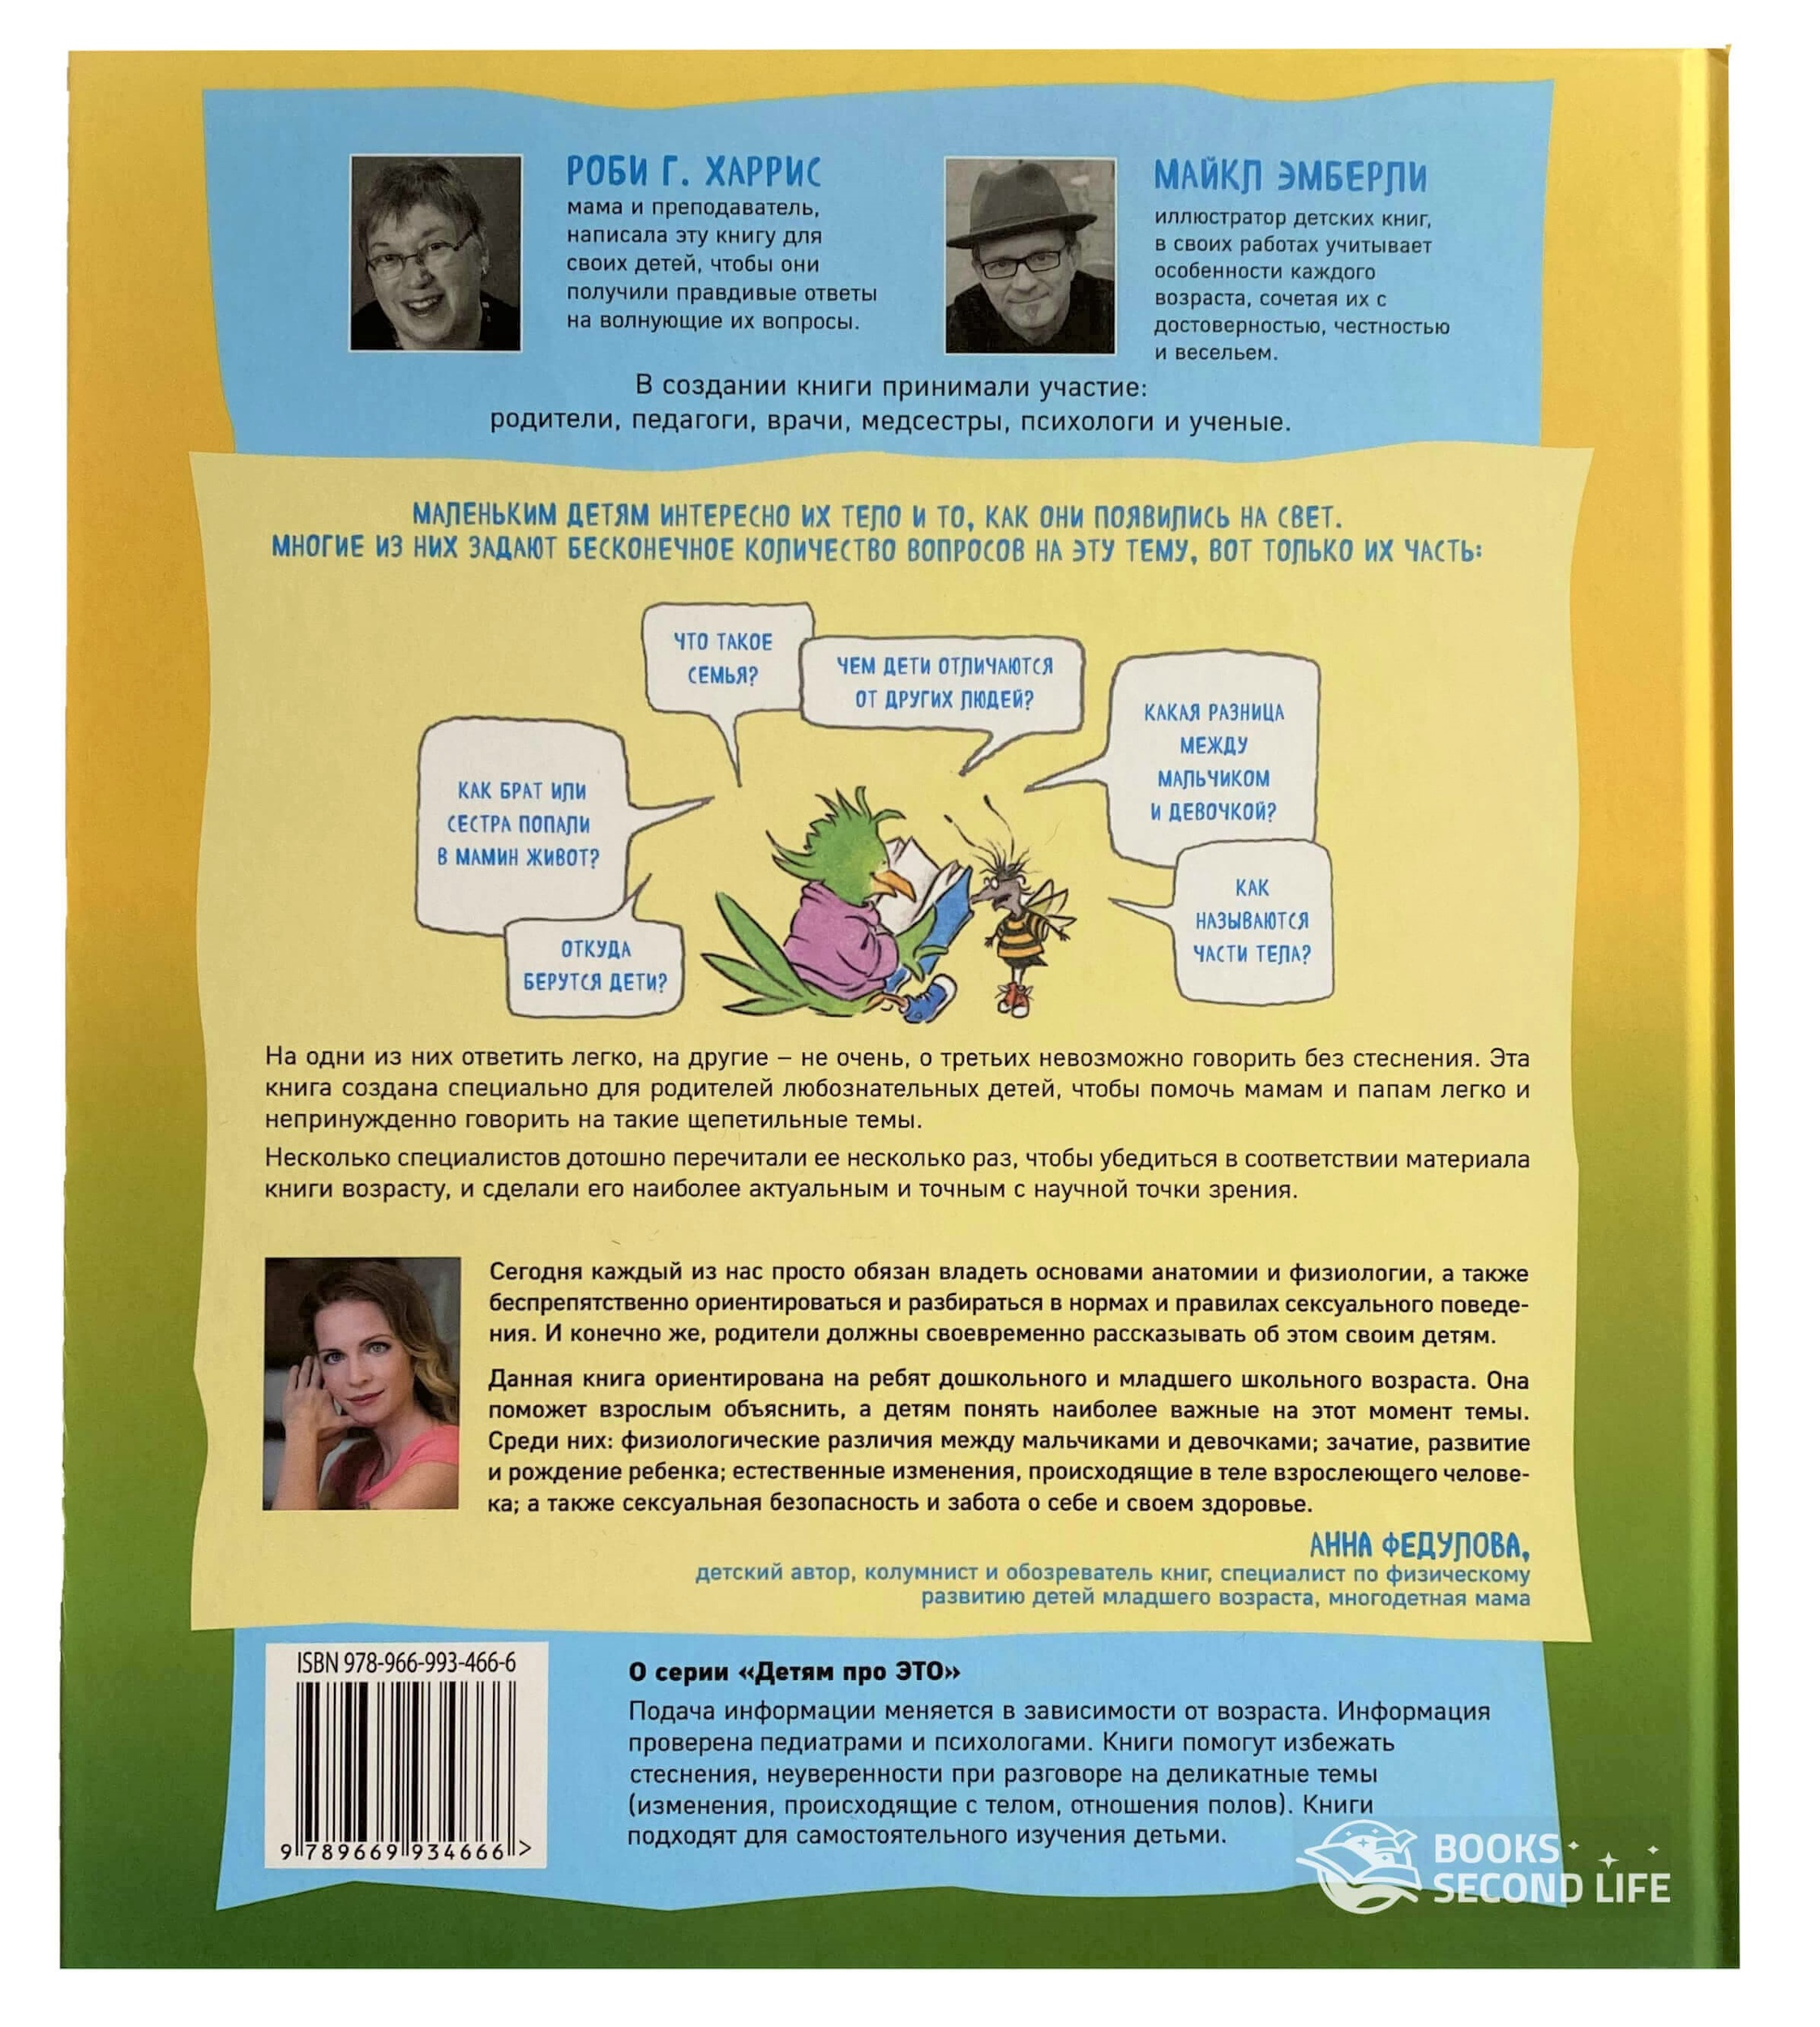 Давай поговорим про ЭТО: о девочках, мальчиках, младенцах, семьях и теле. Автор — Эмберли Майкл, Харрис Роби. Переплет —